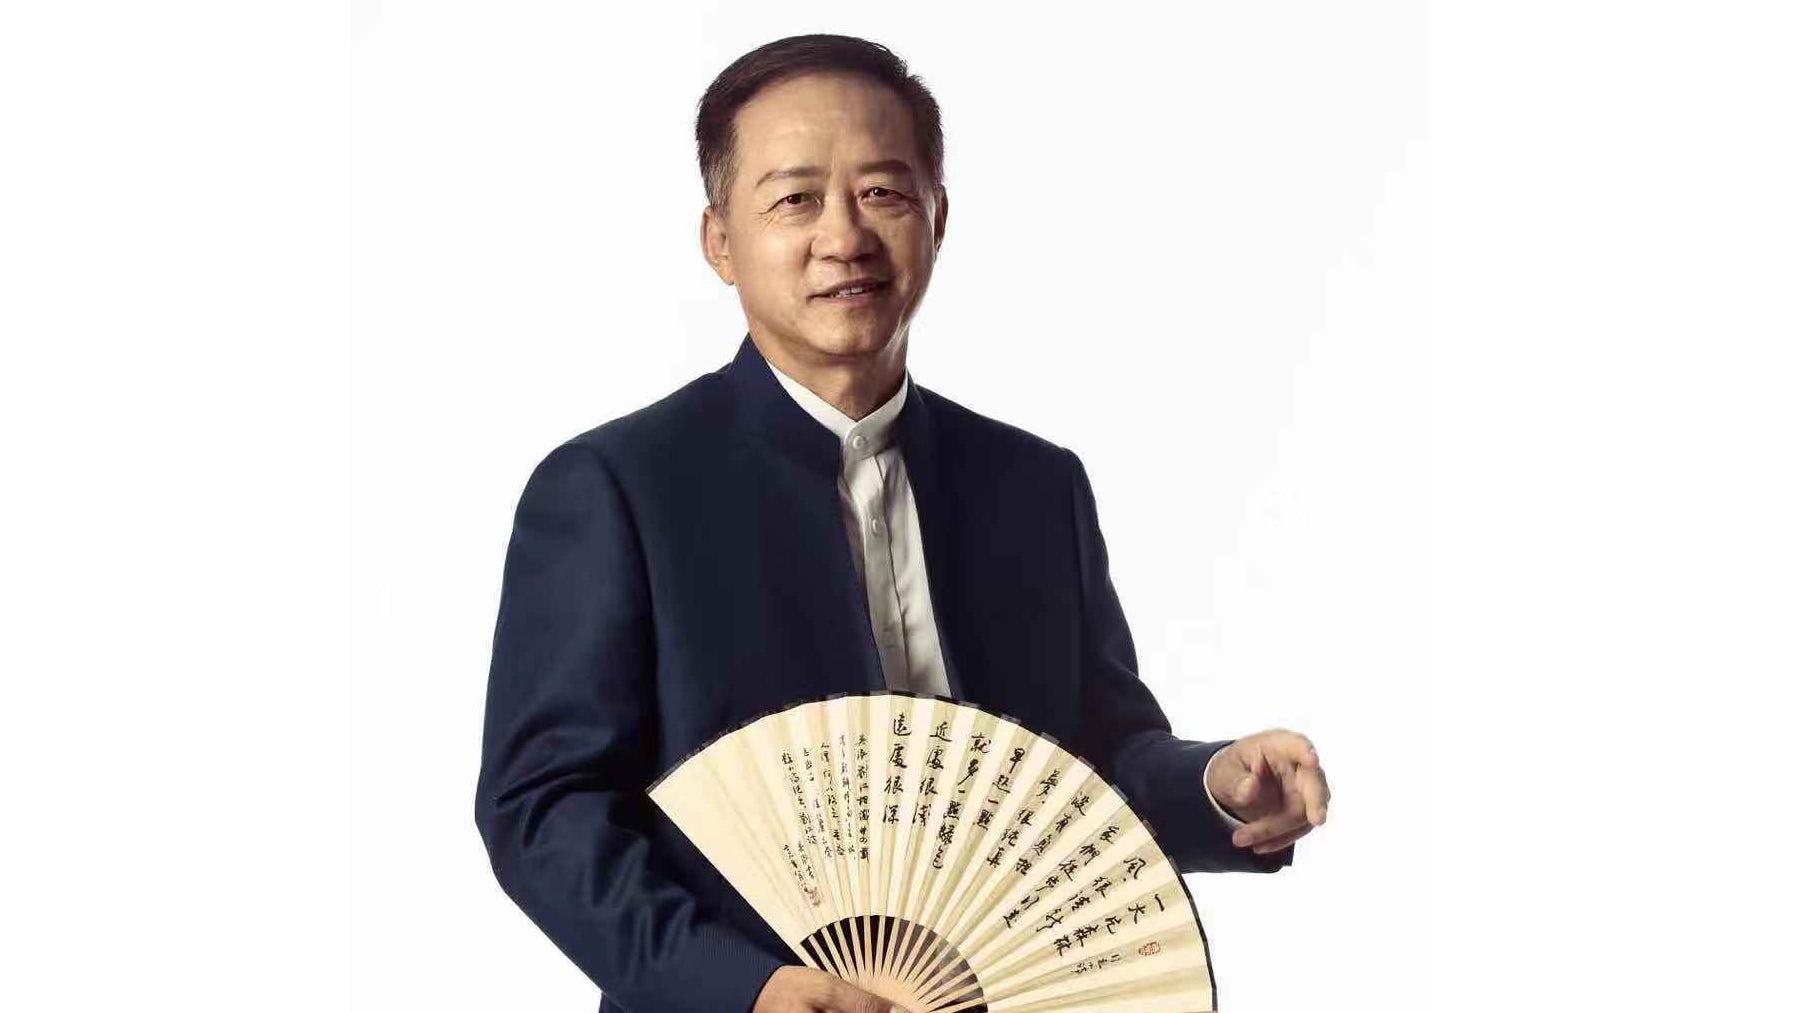 Liu Jiang | Source: CGTN